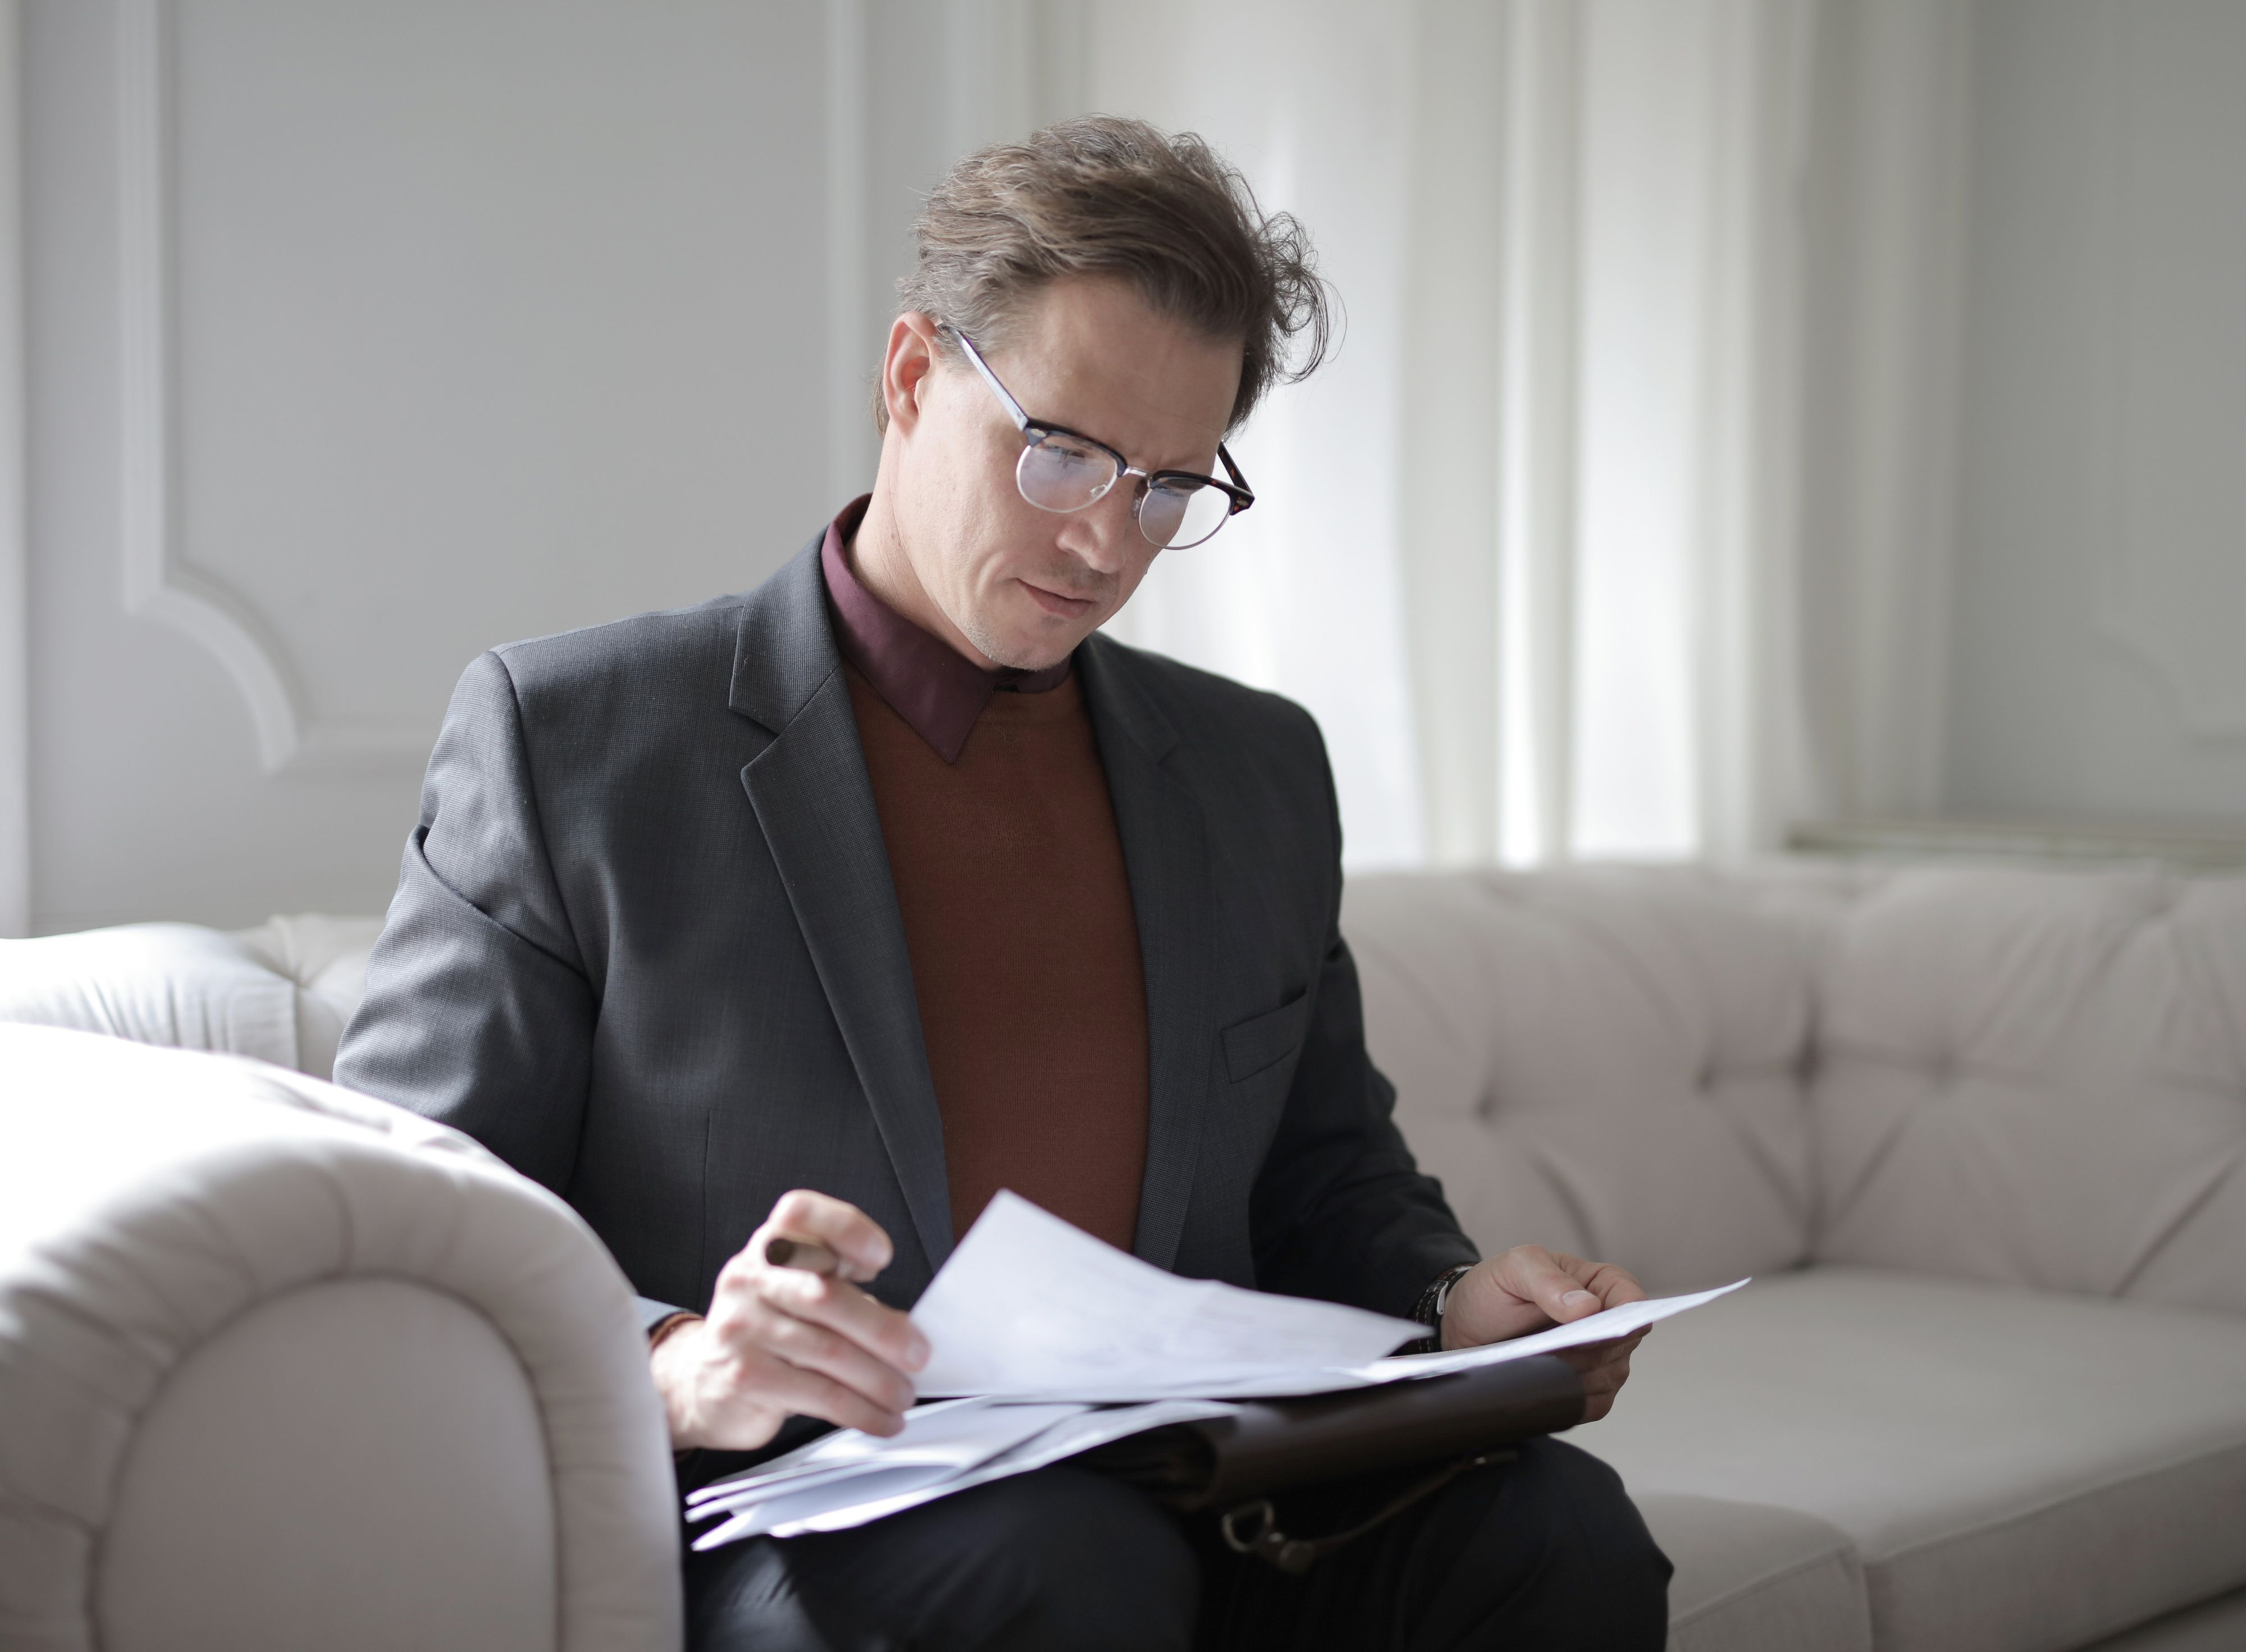 На что обращать внимание при оформлении кредита, чтобы совершить выгодную сделку